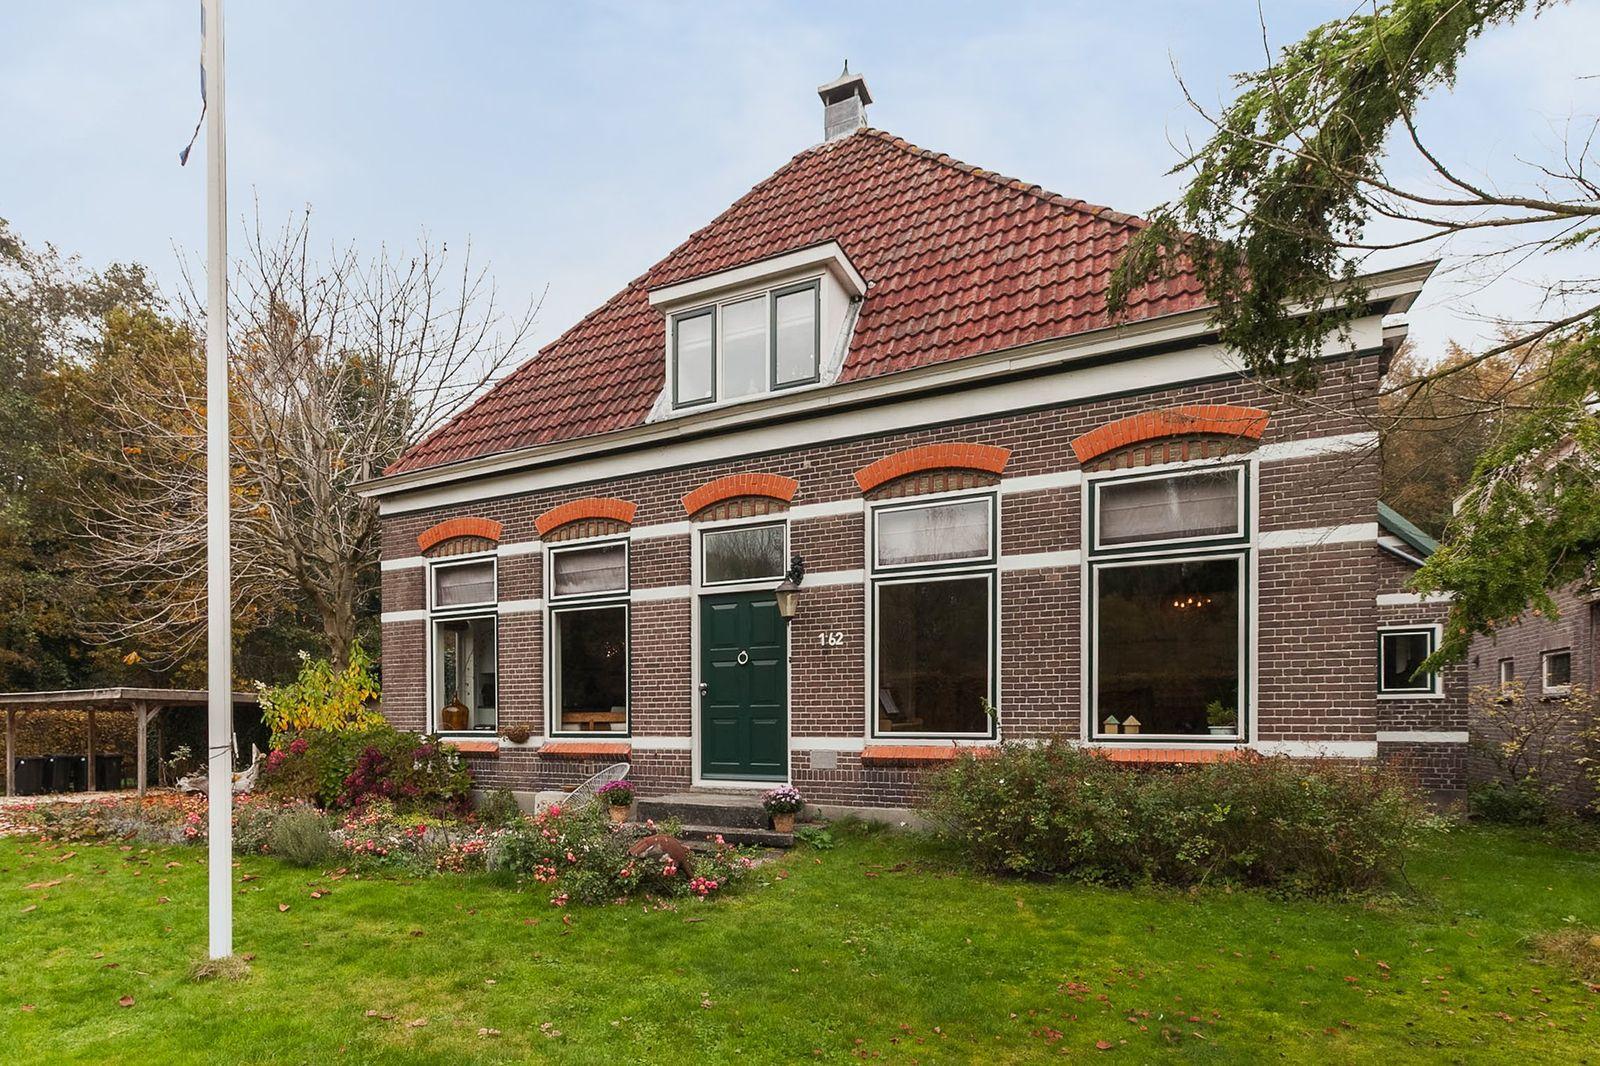 Leeuwarderstraatweg 162, Heerenveen